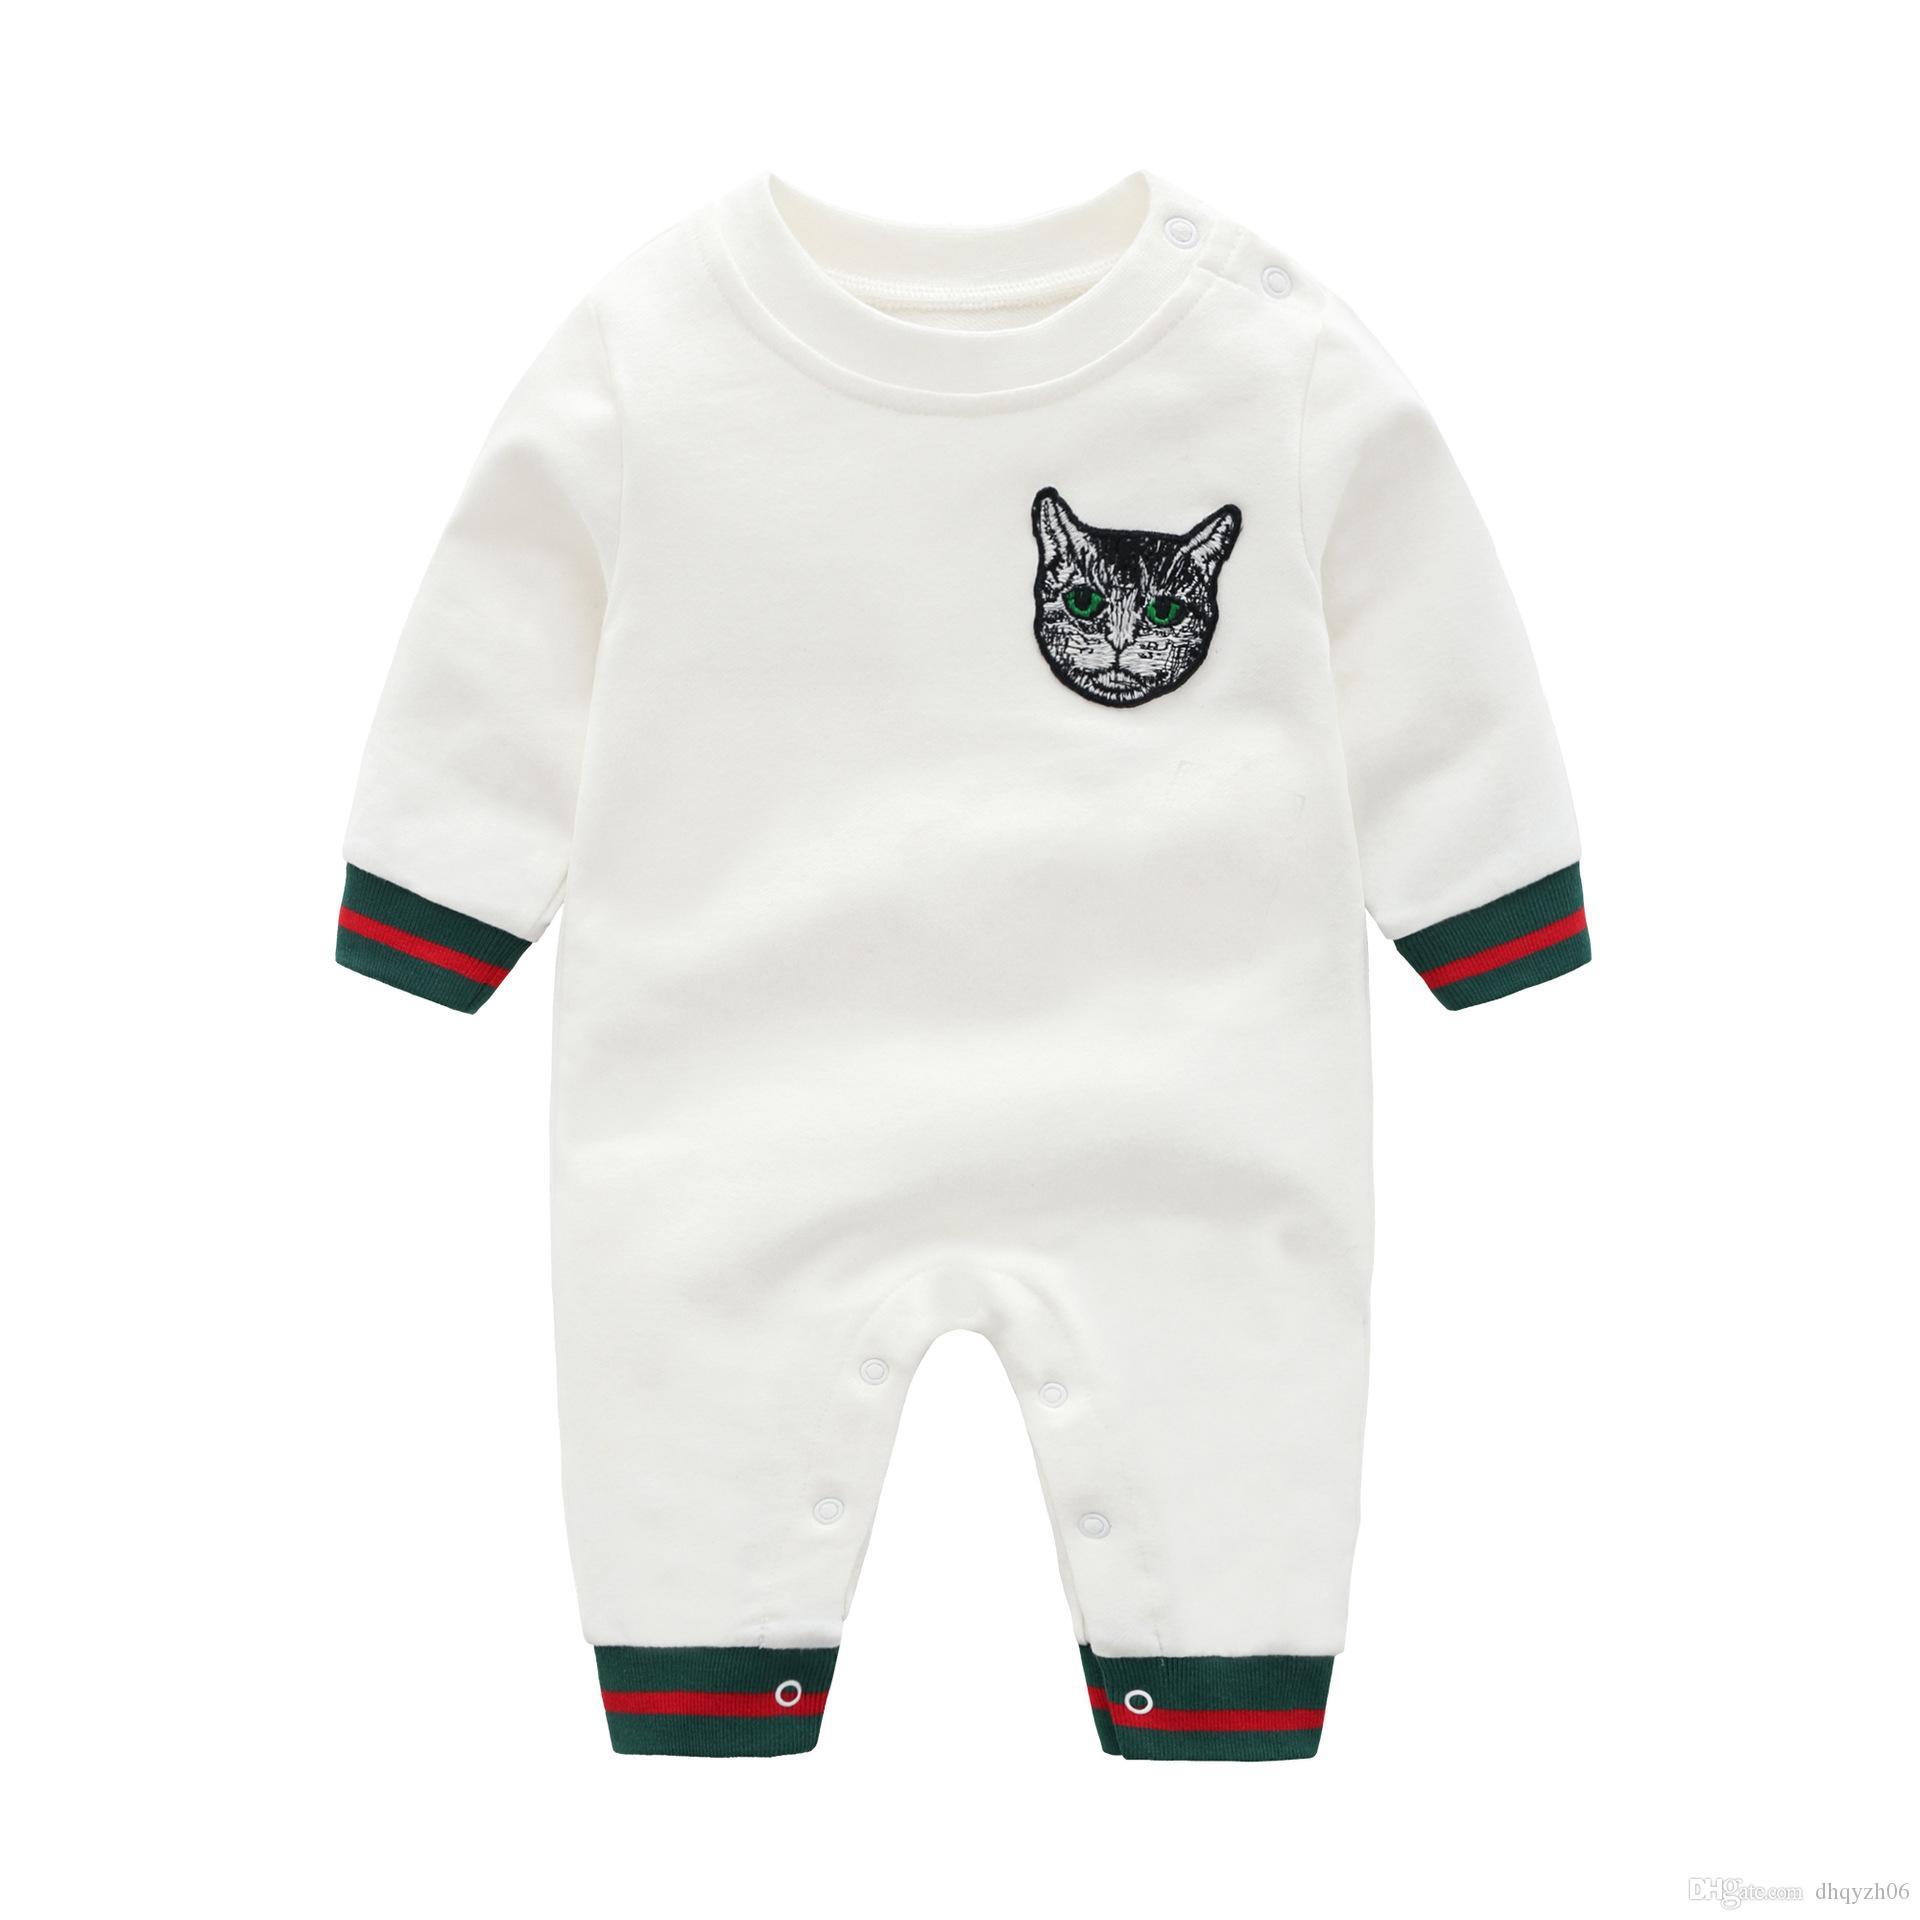 새로운 디자이너 브랜드 디자인 아기 장난 꾸러기 Jumpsuit 소년 아기 긴 소매 면화 자수 고양이 패턴 어린이 의류 의류 jumpsuit 0-2